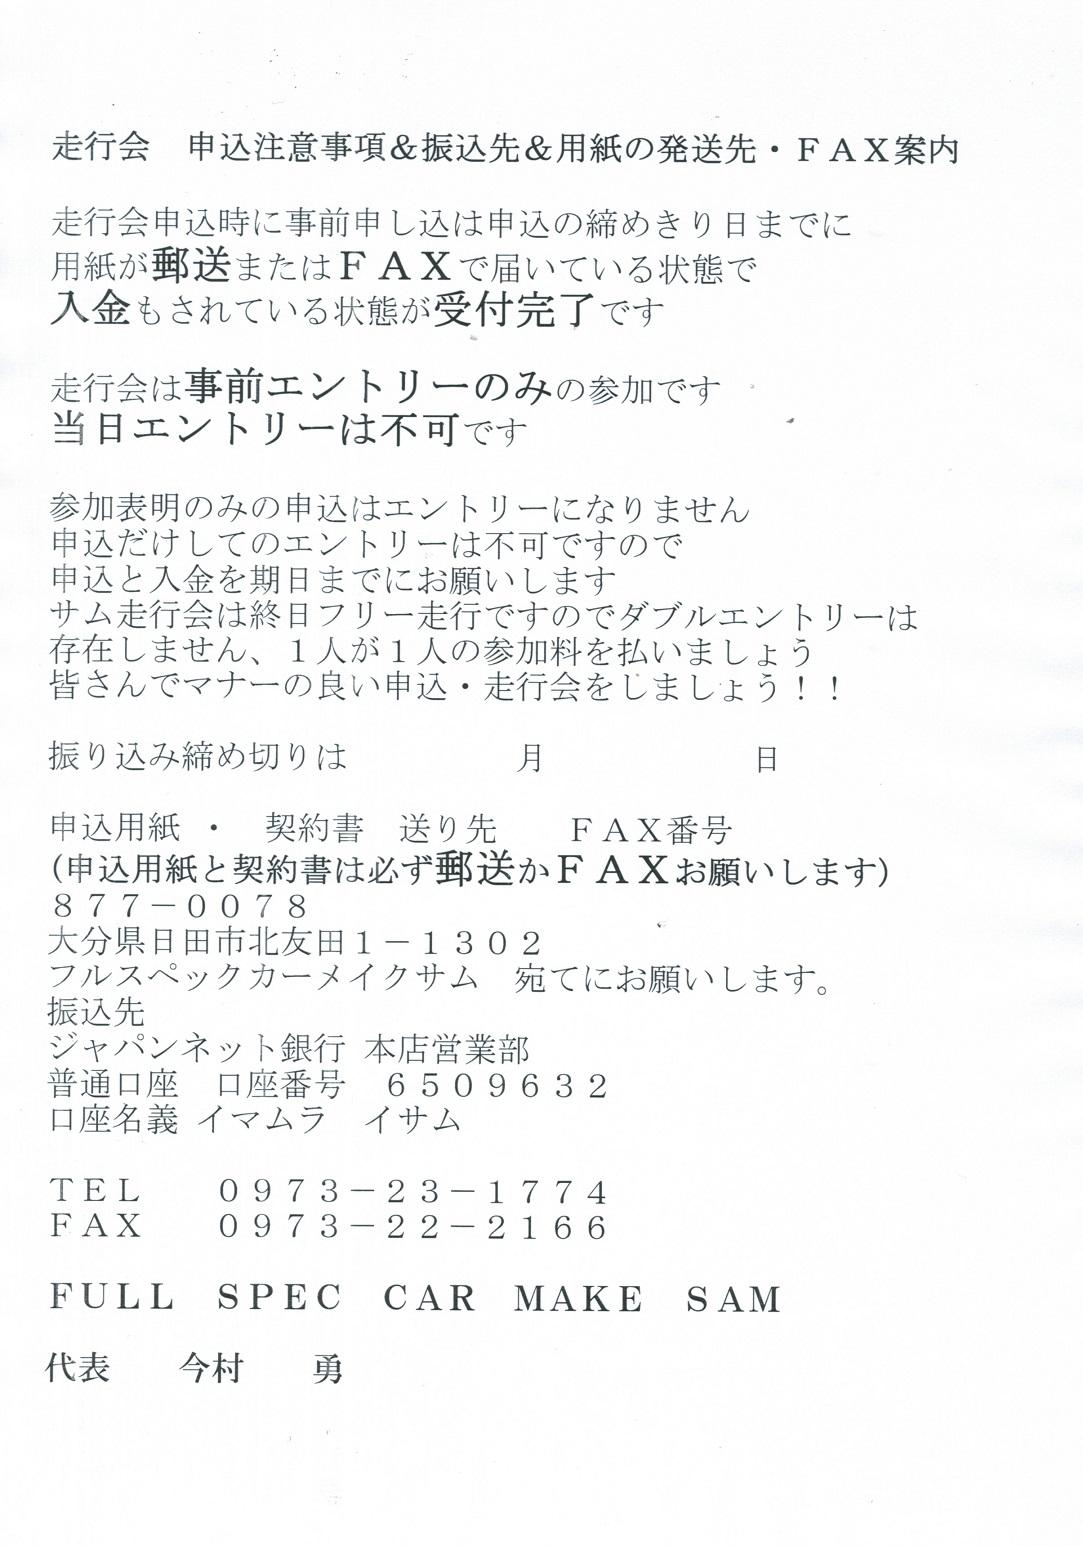 CCI20190316_00002.jpg